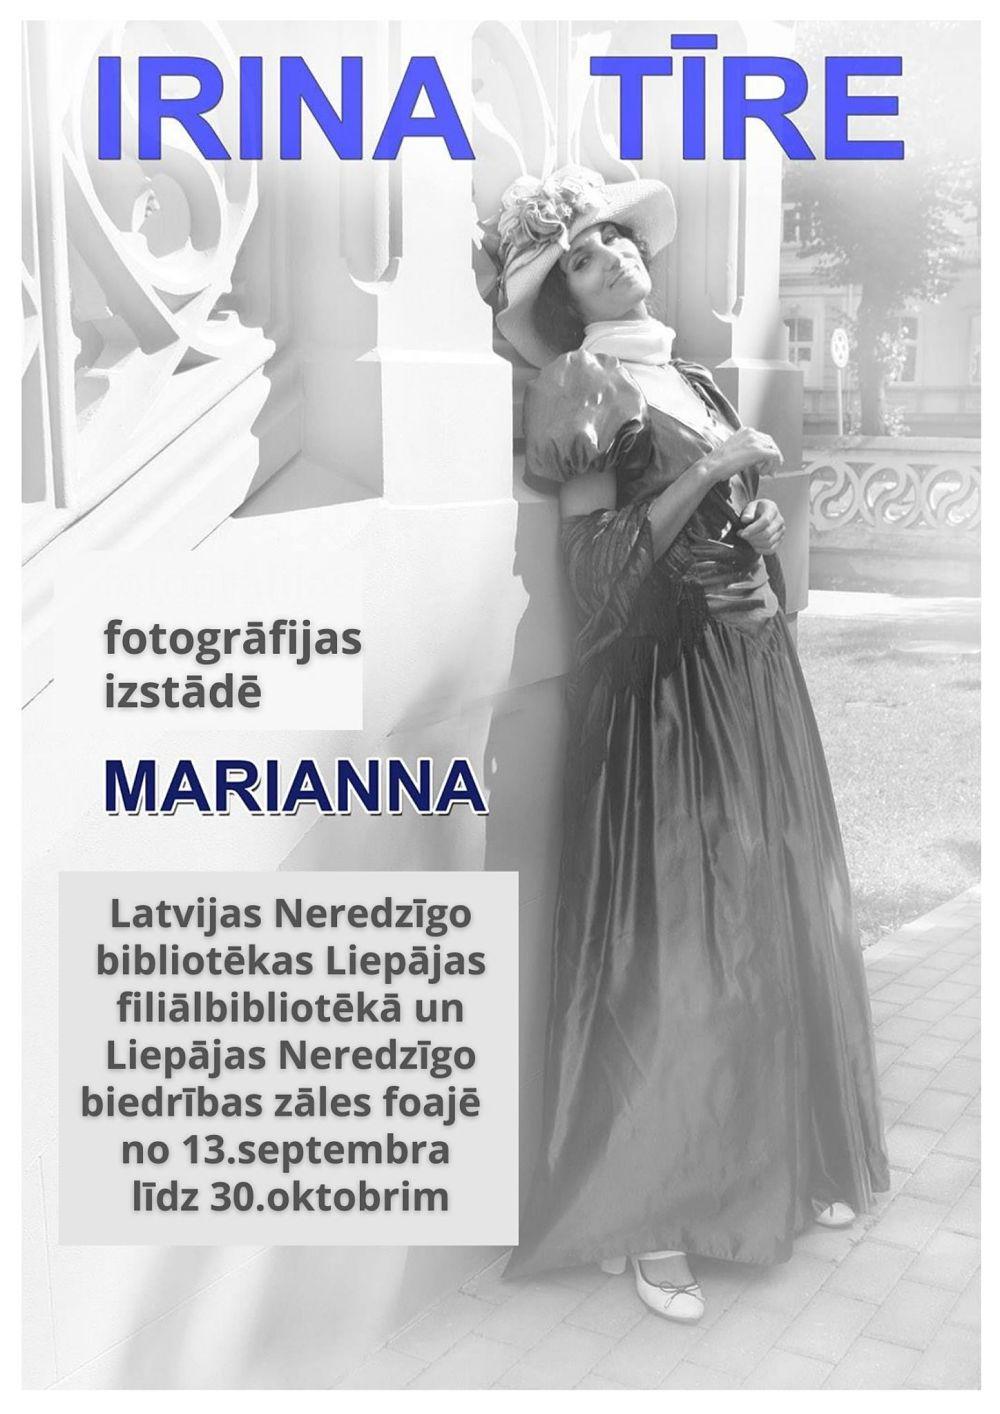 """Plakāts mākslinieces Irinas Tīres fotogrāfiju izstādei """"Marianna"""""""